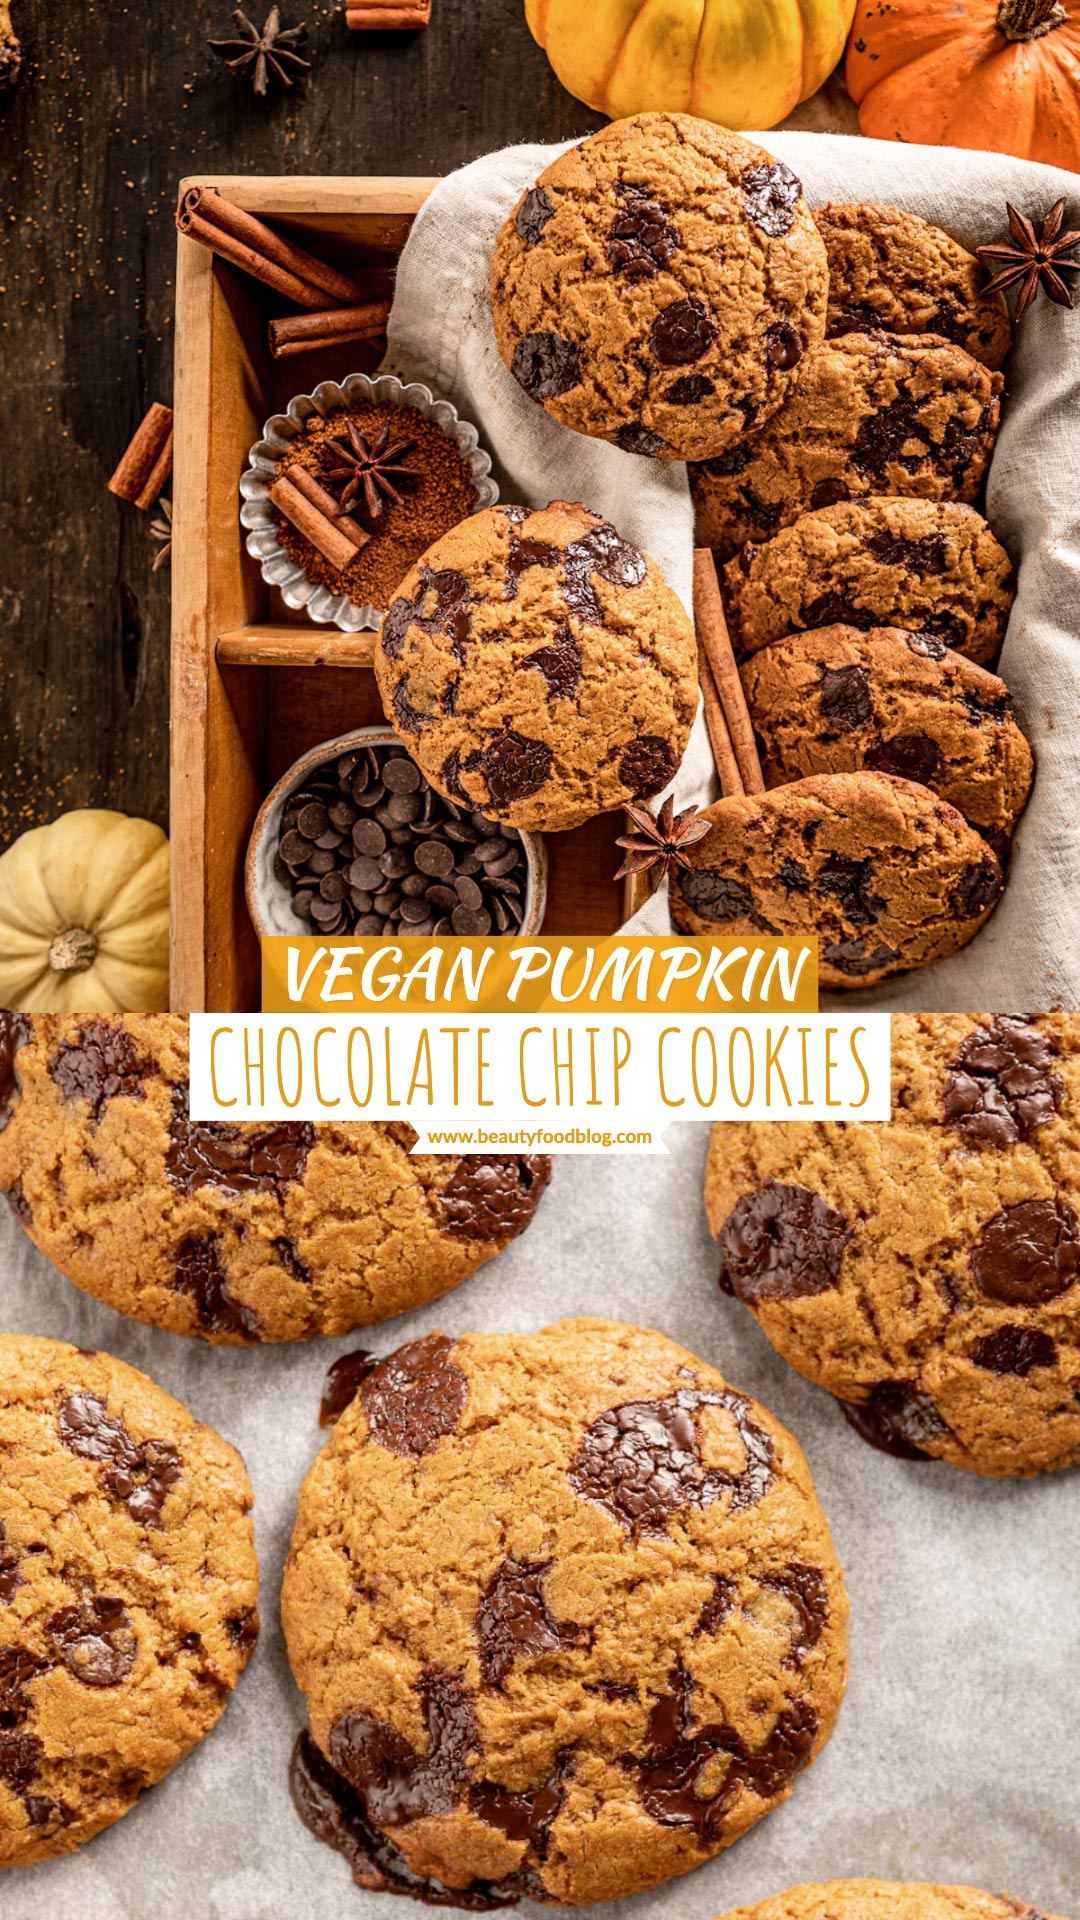 healthy VEGAN PUMPKIN CHOCOLATE CHIP COOKIES recipe food photography ricetta COOKIES alla ZUCCA e CIOCCOLATO biscotti alla zucca e gocce di cioccolato senza uova senza burro